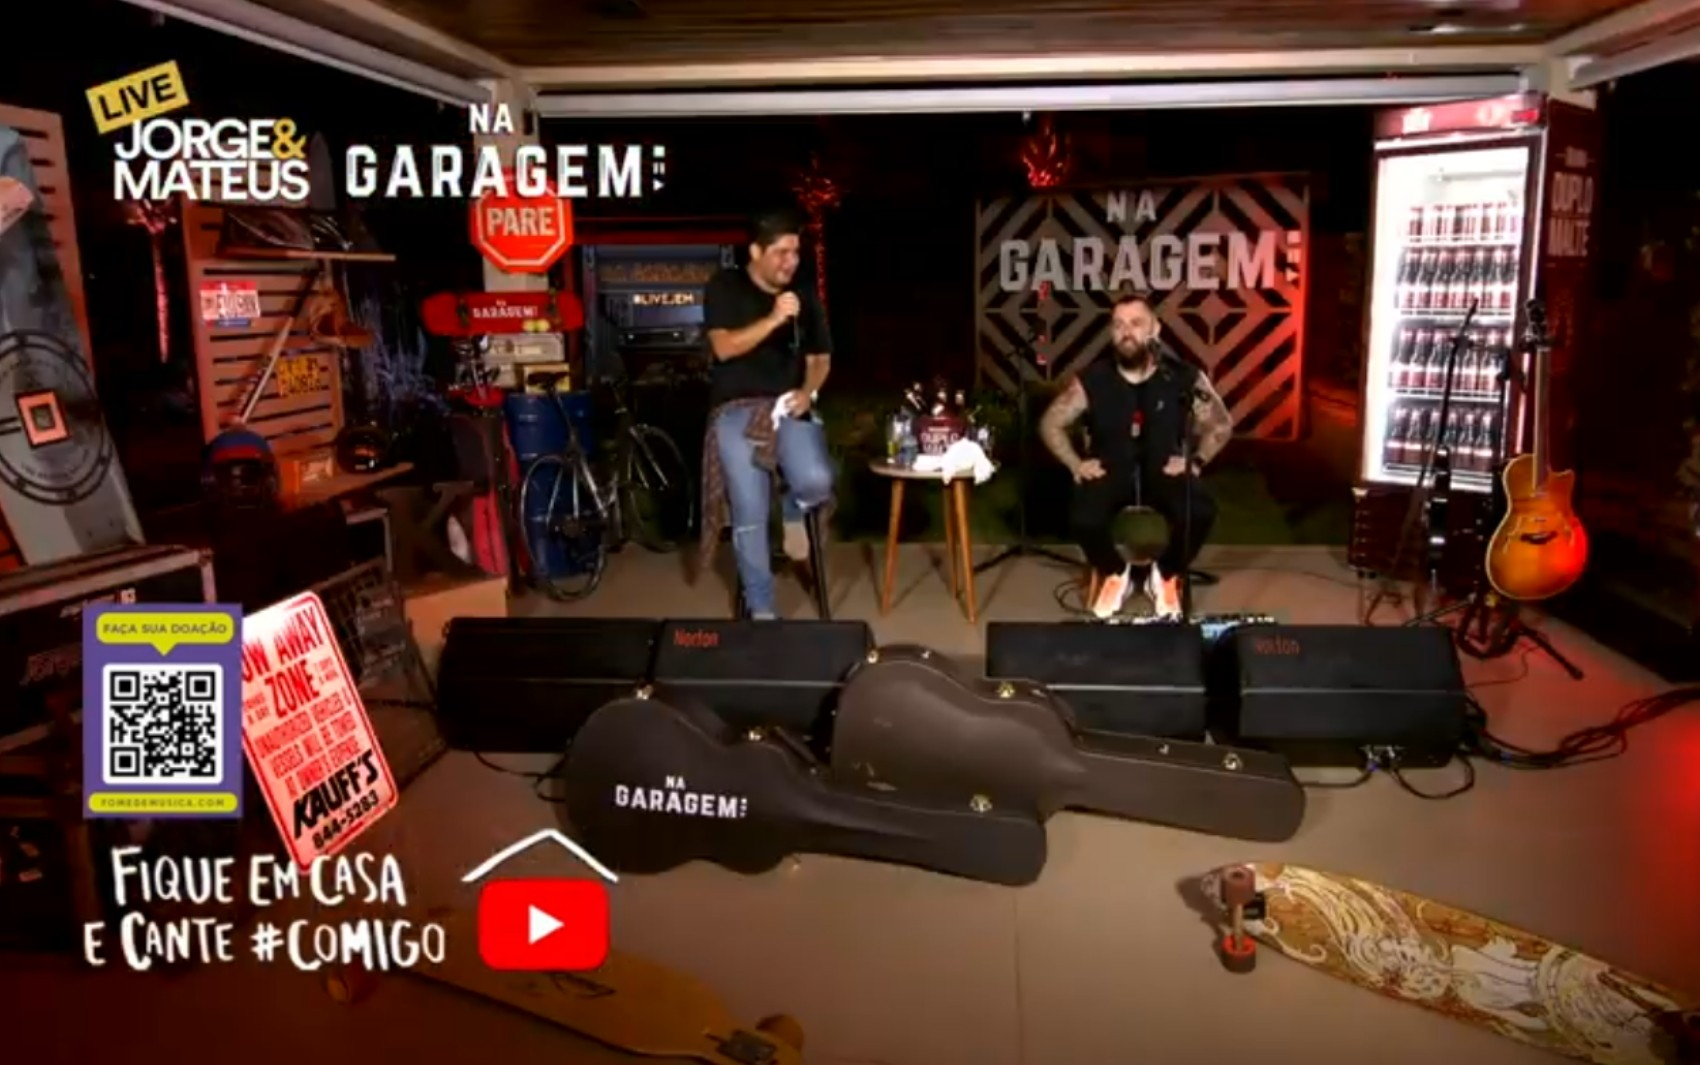 Jorge e Mateus exibe vídeo com Mandetta durante 'live': 'Aglutinação tem que parar'